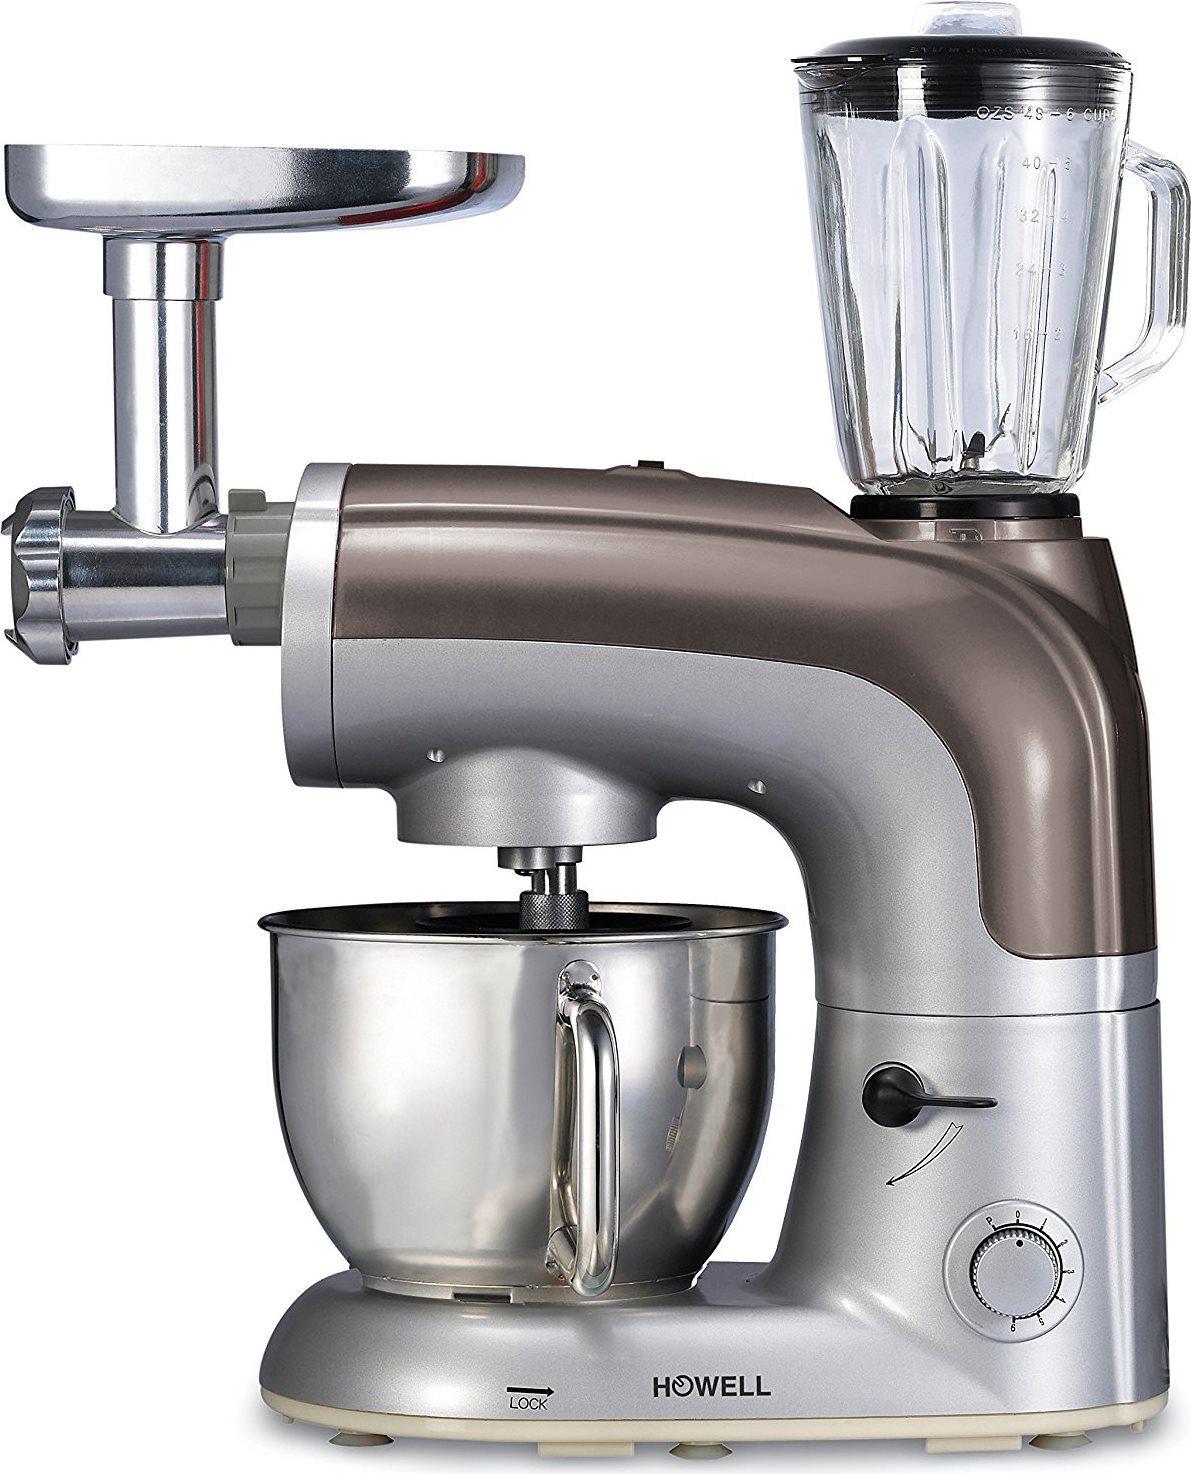 Robot da cucina offerte e prezzi online prezzoforte - Robot da cucina philips essence ...